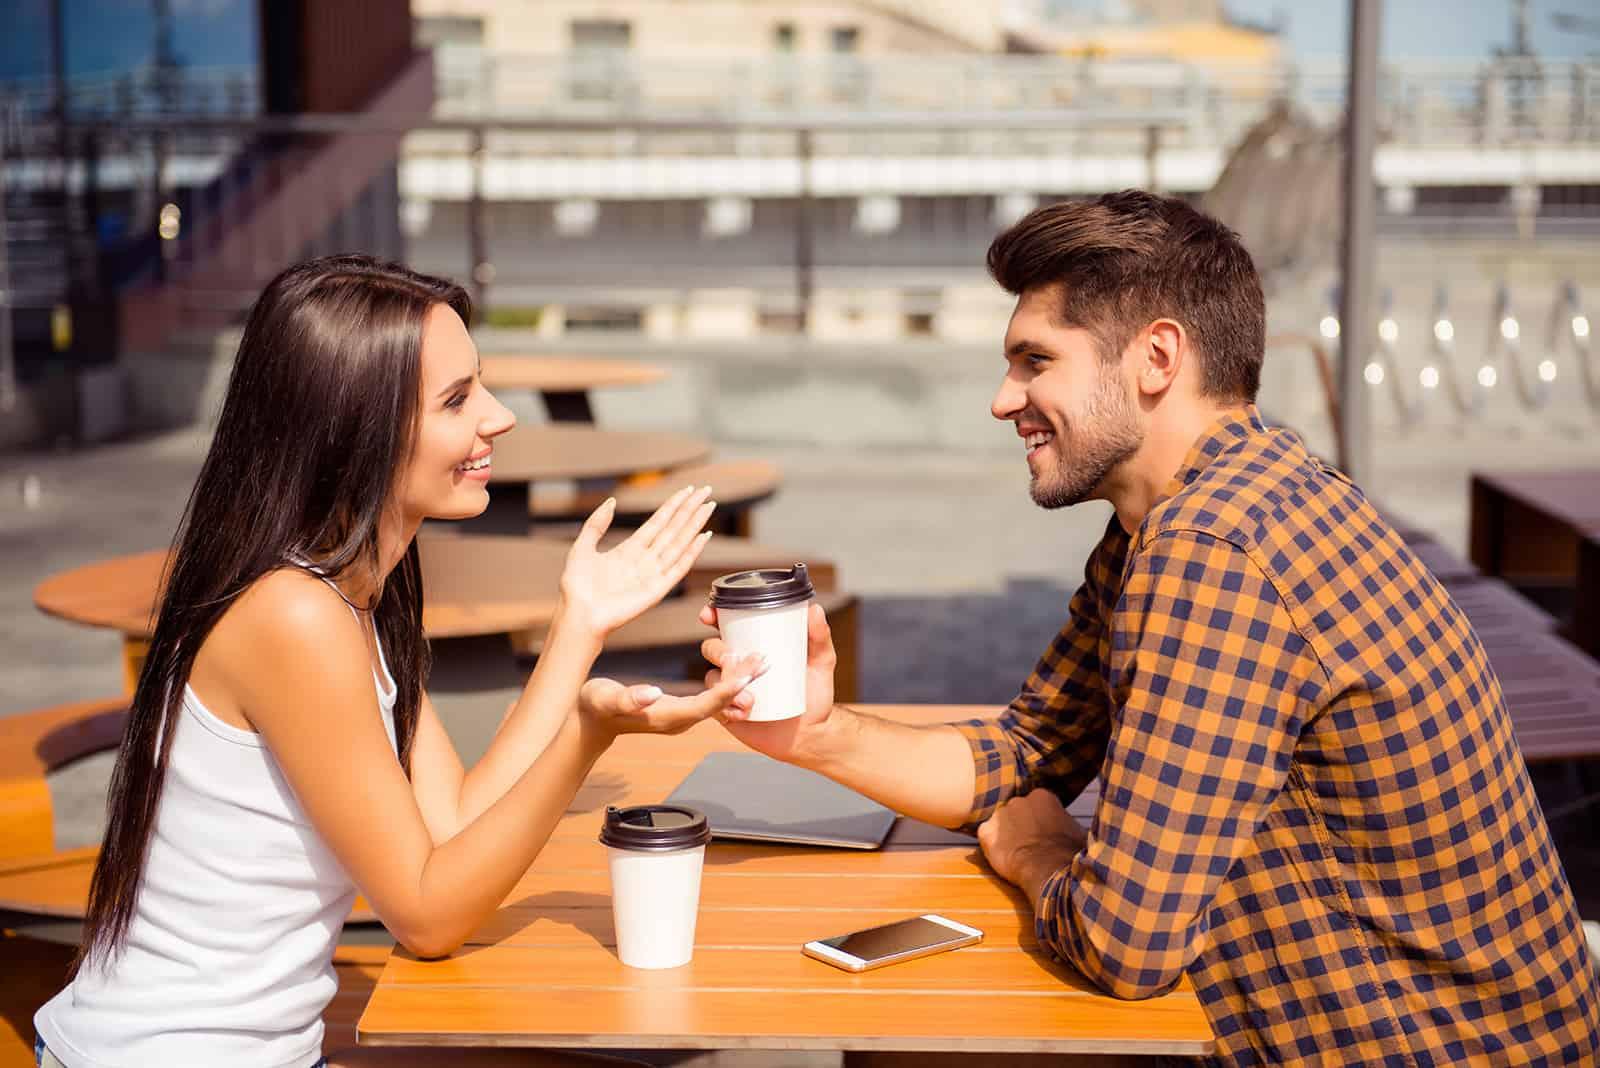 Ein lächelnder Mann und eine Frau trinken Kaffee und unterhalten sich in der Bar